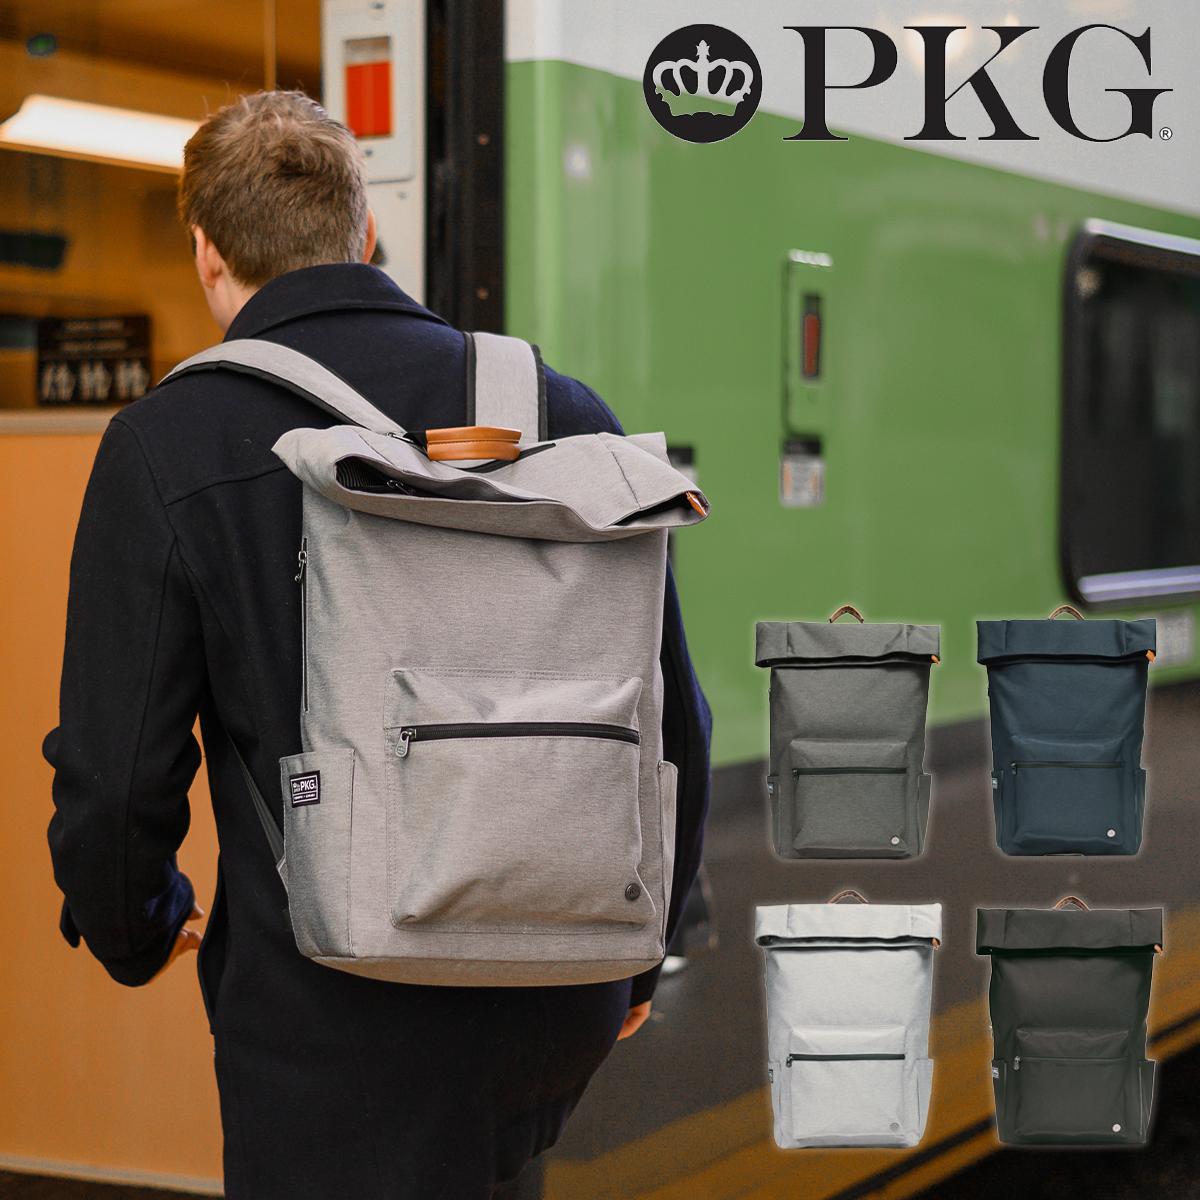 PKG リュック A4 25L BRIGHTON メンズ レディース 24BR ピーケージー | リュックサック 軽量 撥水 ビジネス [PO10][bef][即日発送]